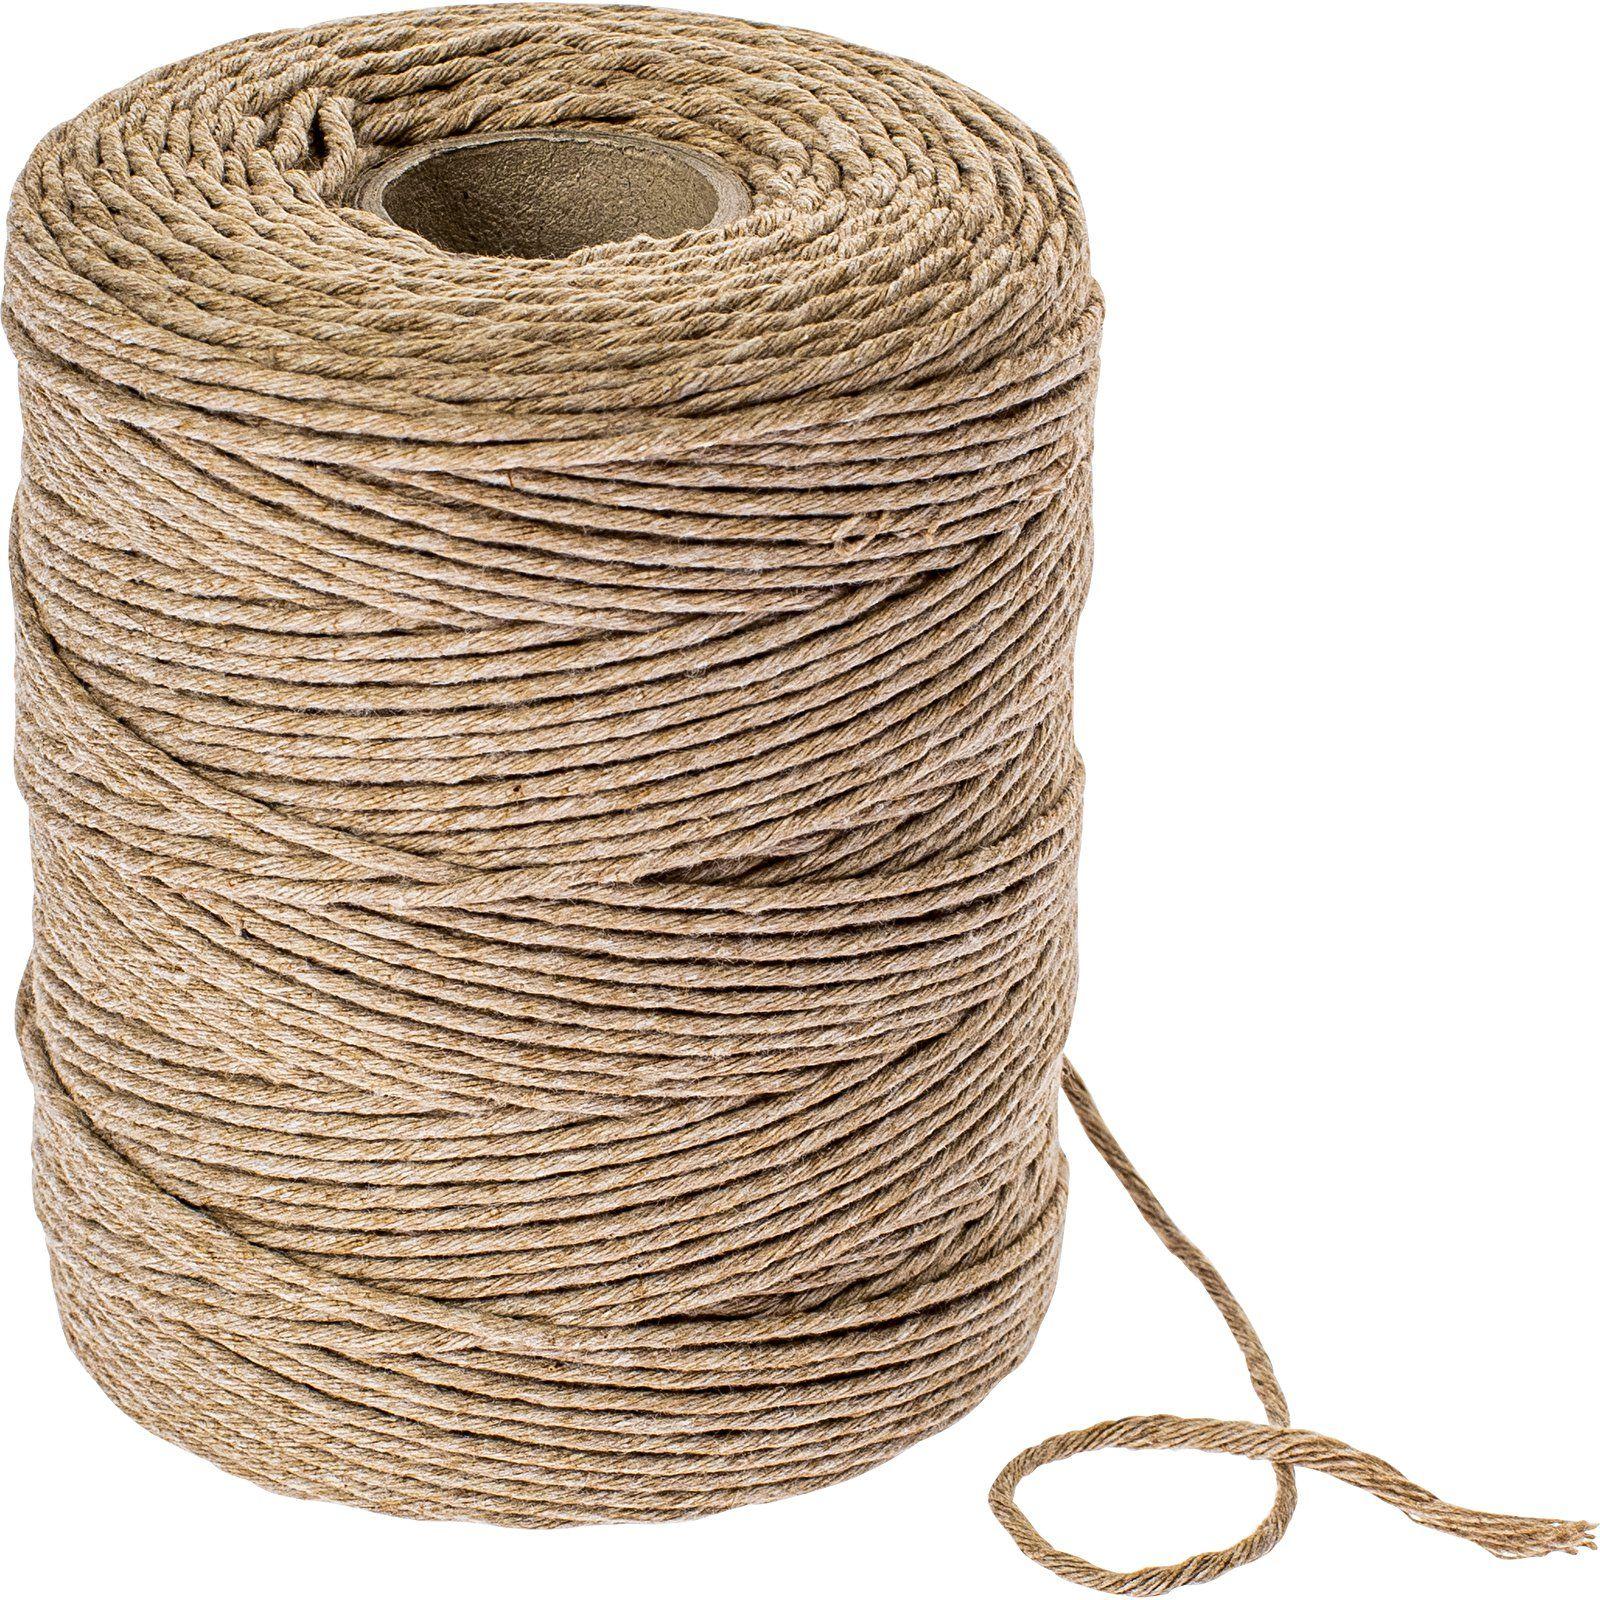 Nici wędliniarskie szare bawełniane (240 C) 210 m